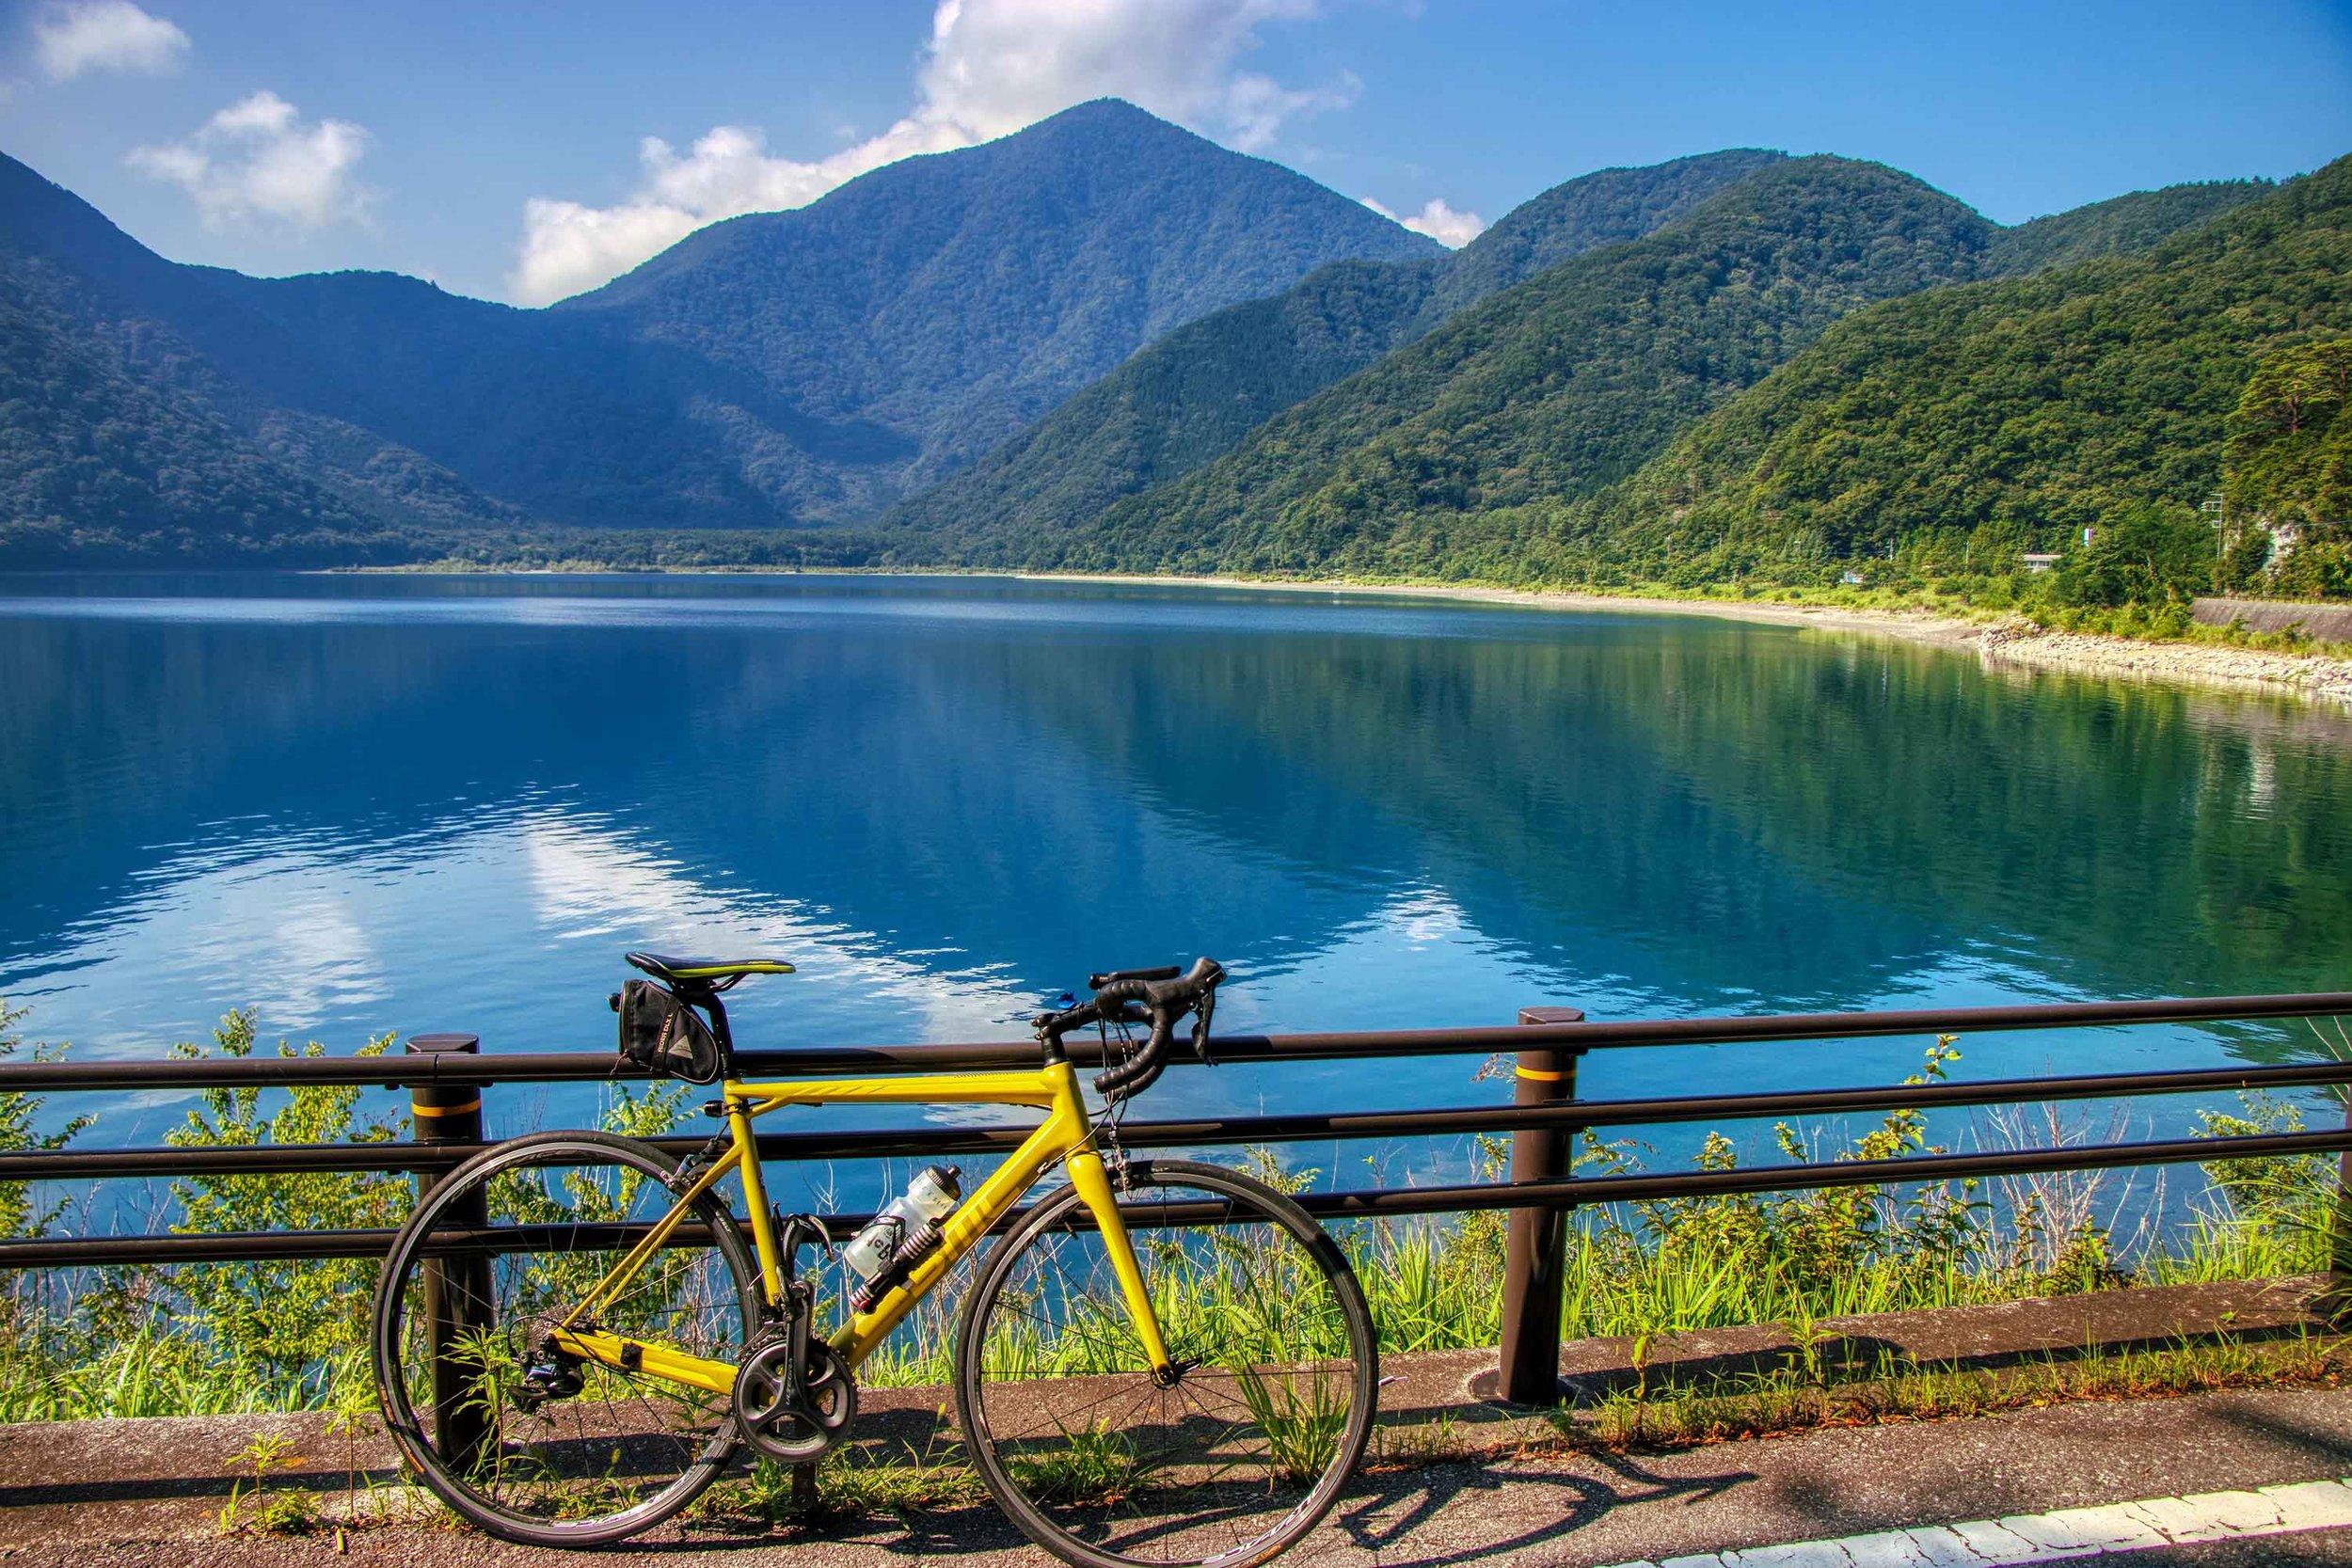 Lake Mokutsu, Fuji Five Lakes